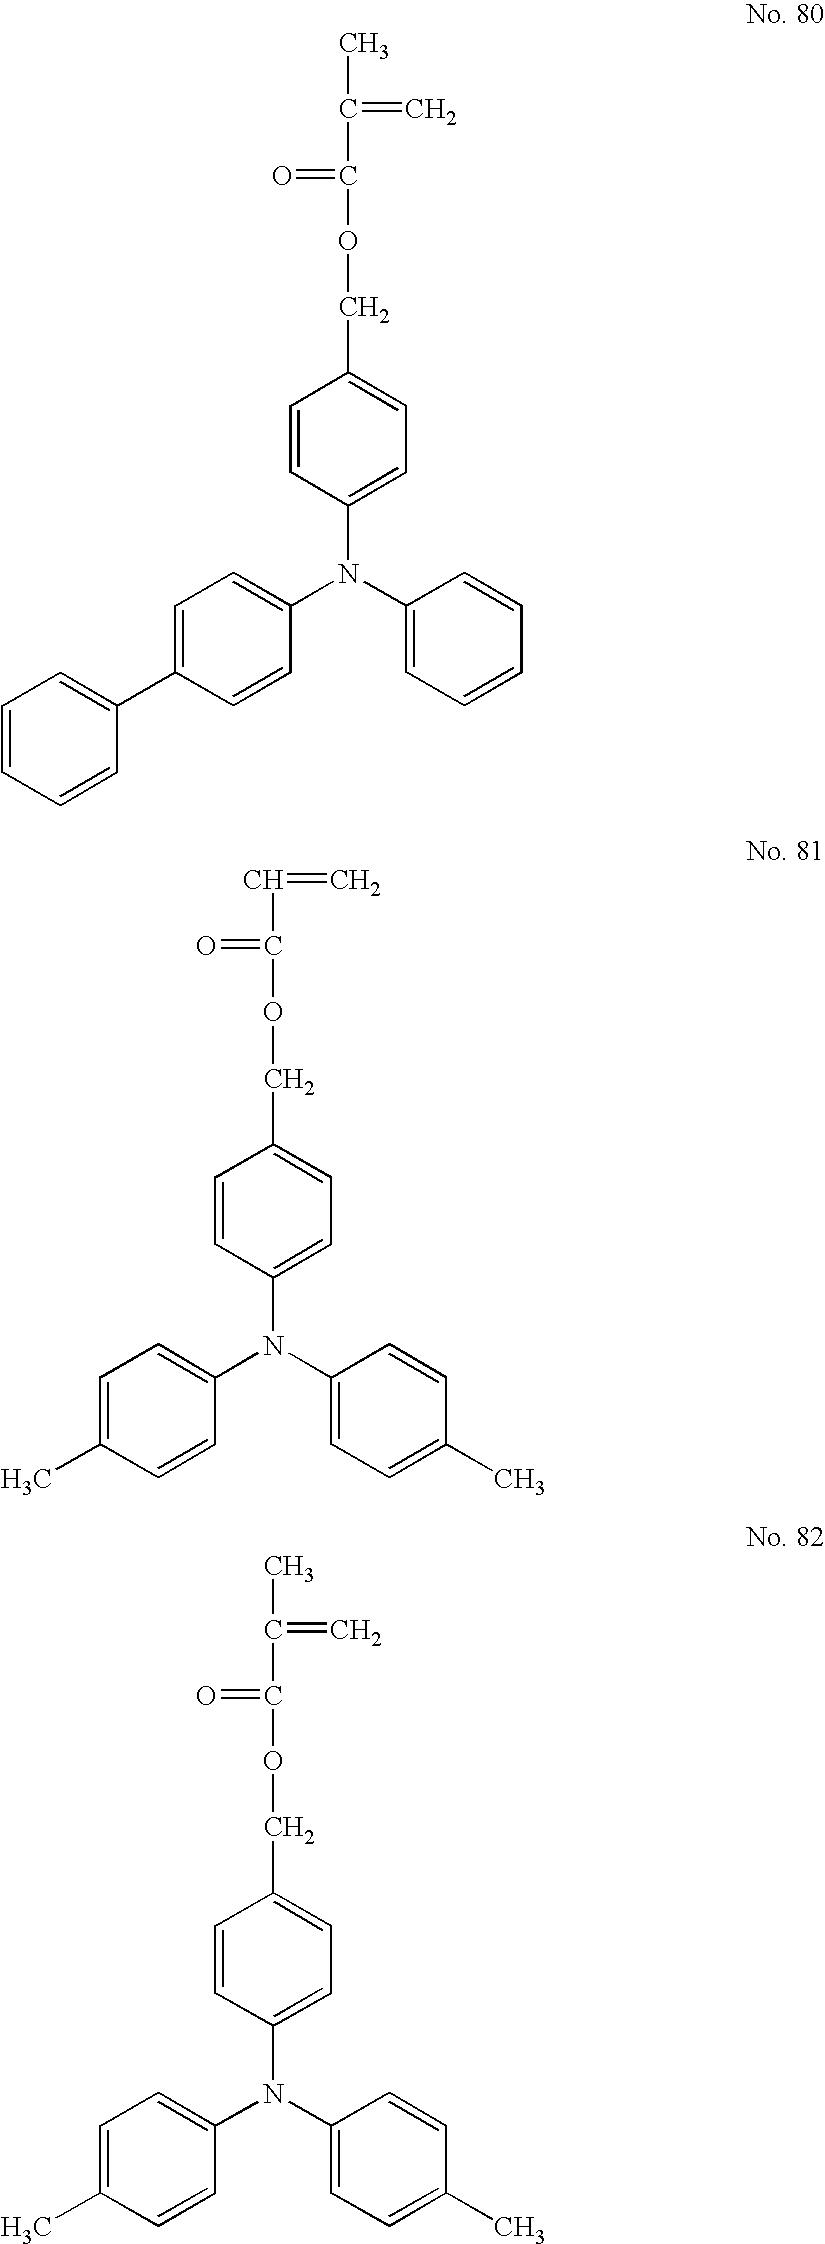 Figure US07824830-20101102-C00042